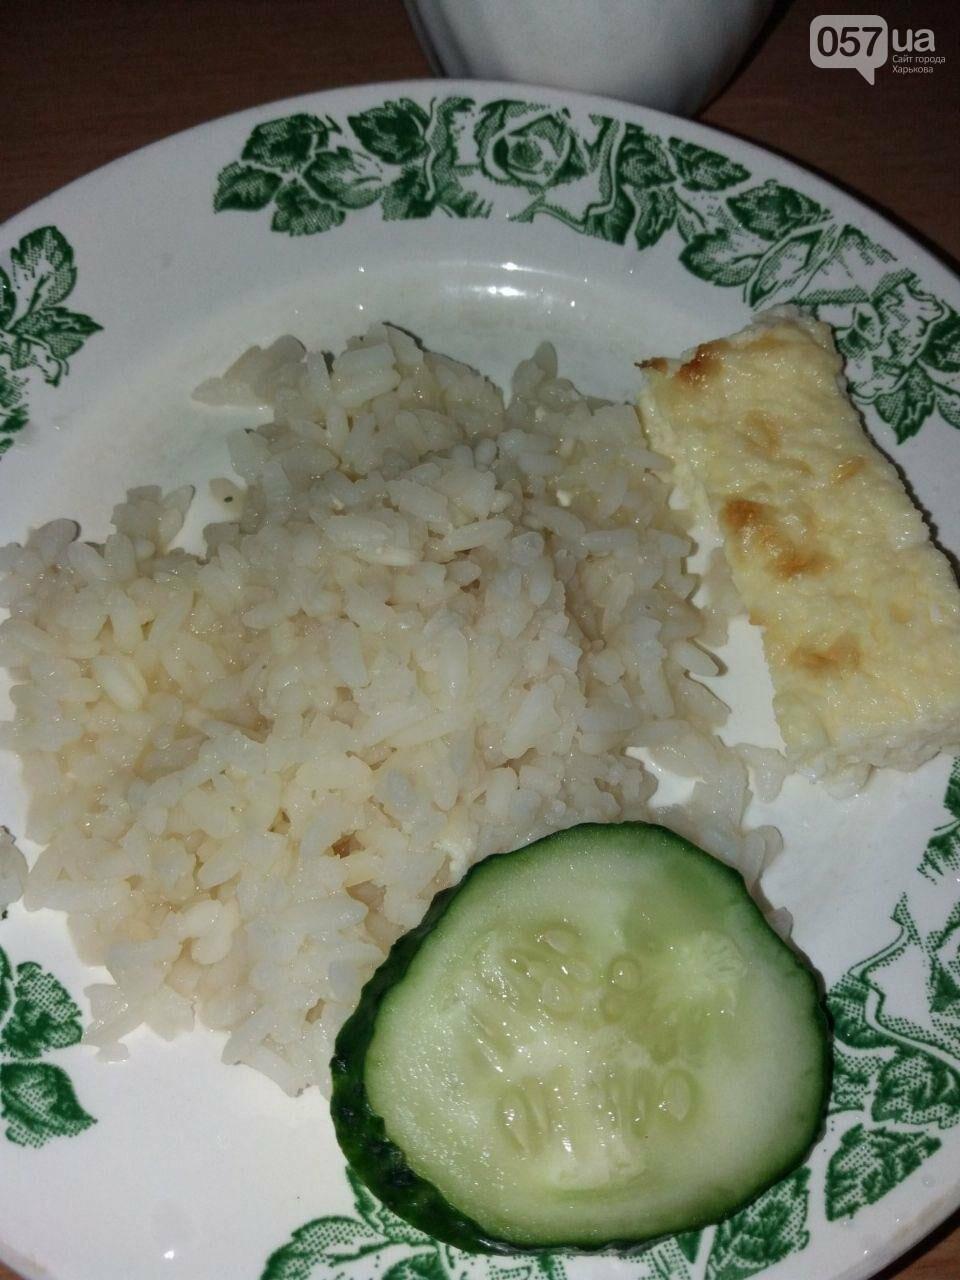 Найдите 10 отличий: родители жалуются на бесплатное питание в харьковской школе, - ФОТО, фото-9